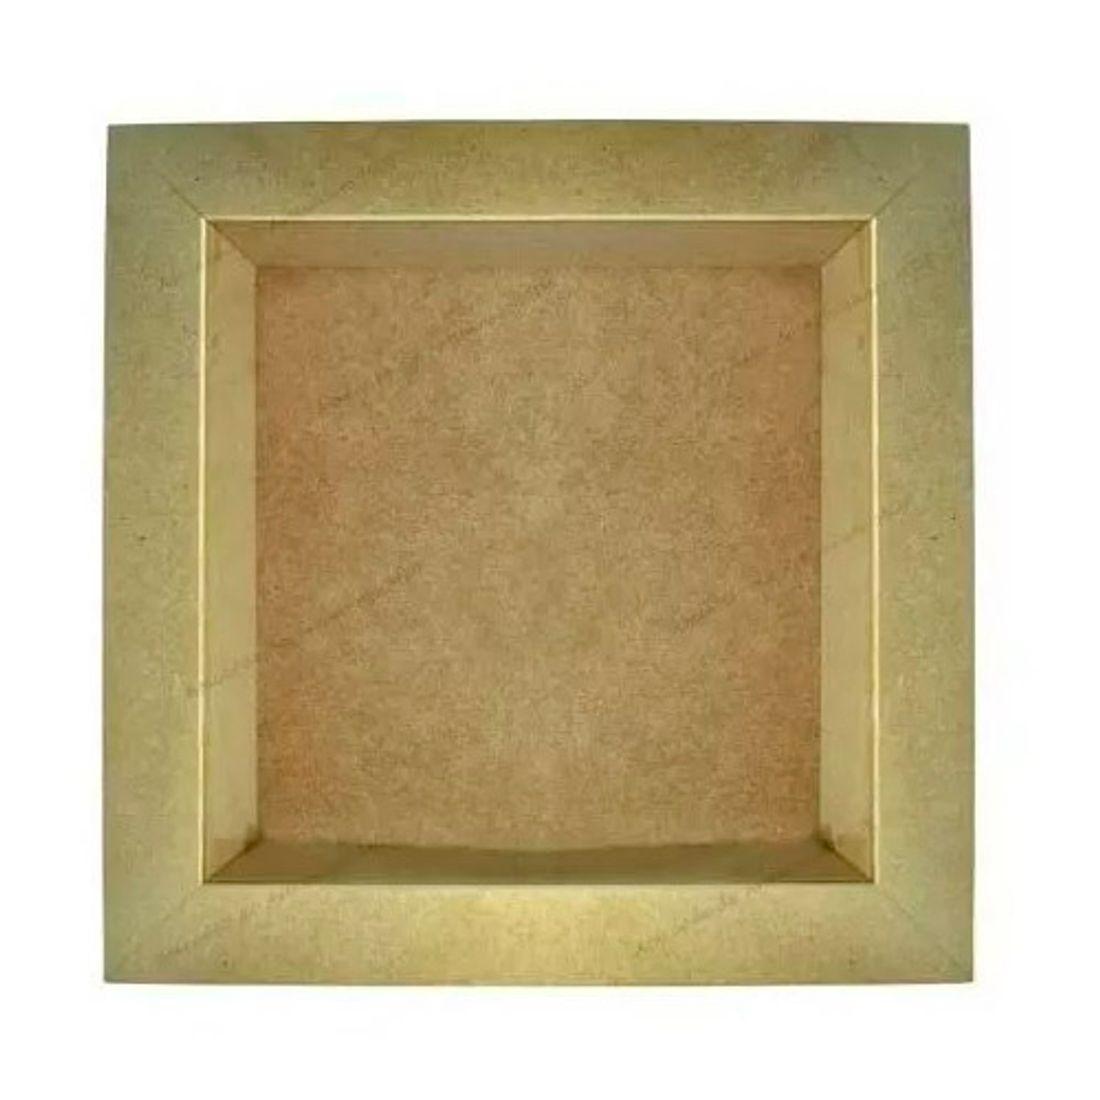 Quadro-Cenario-2---295x295x5-Mdf-Madeira-Cru